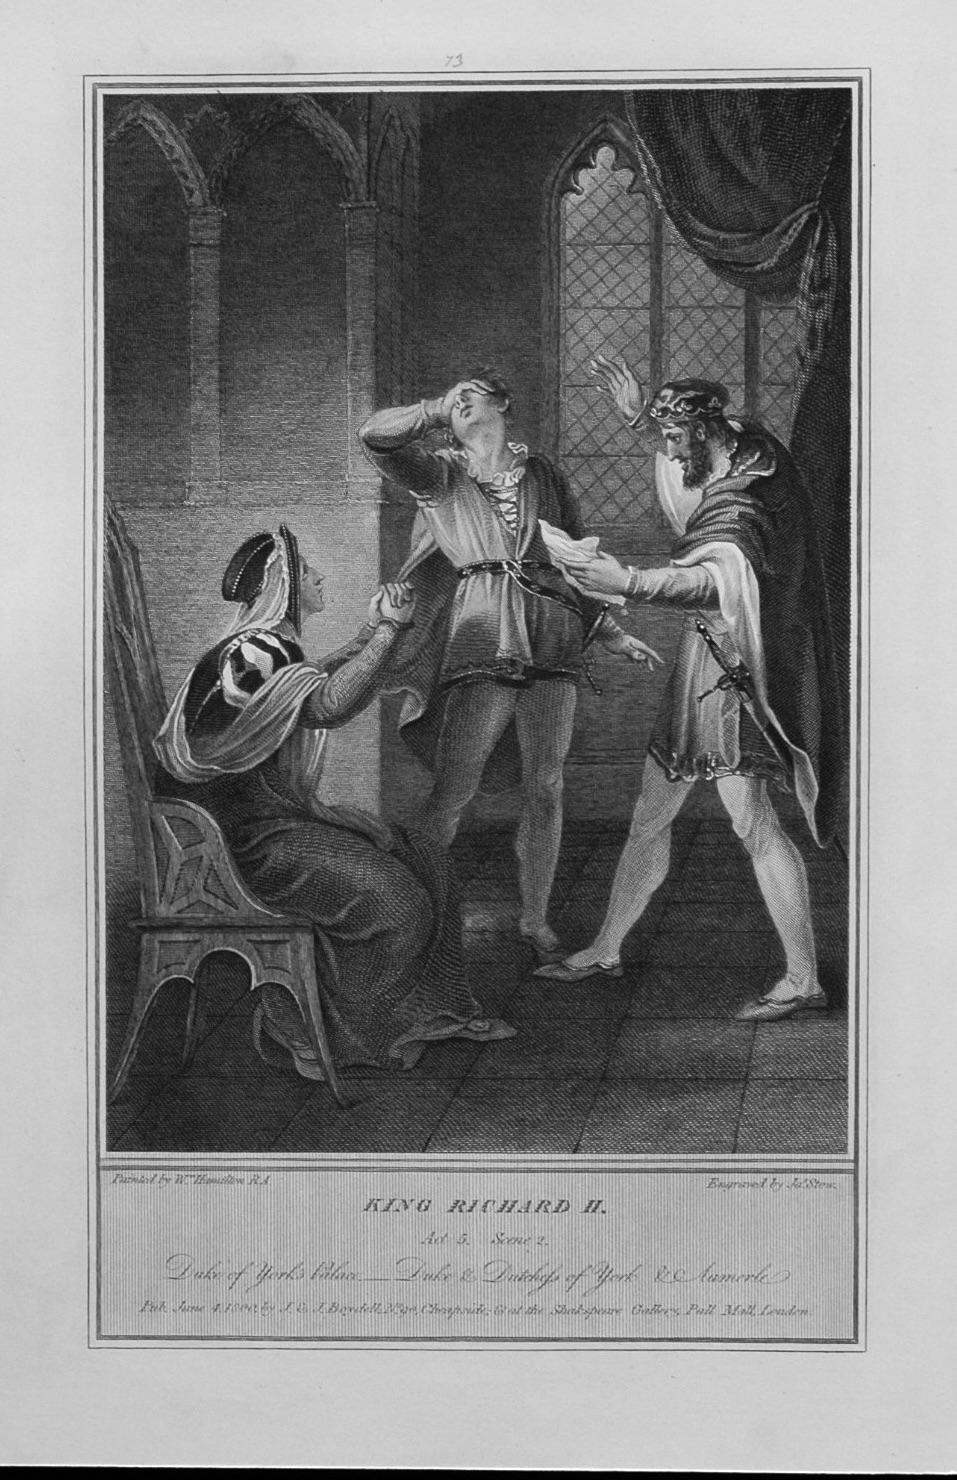 King Richard II. Act 5. Scene 2.